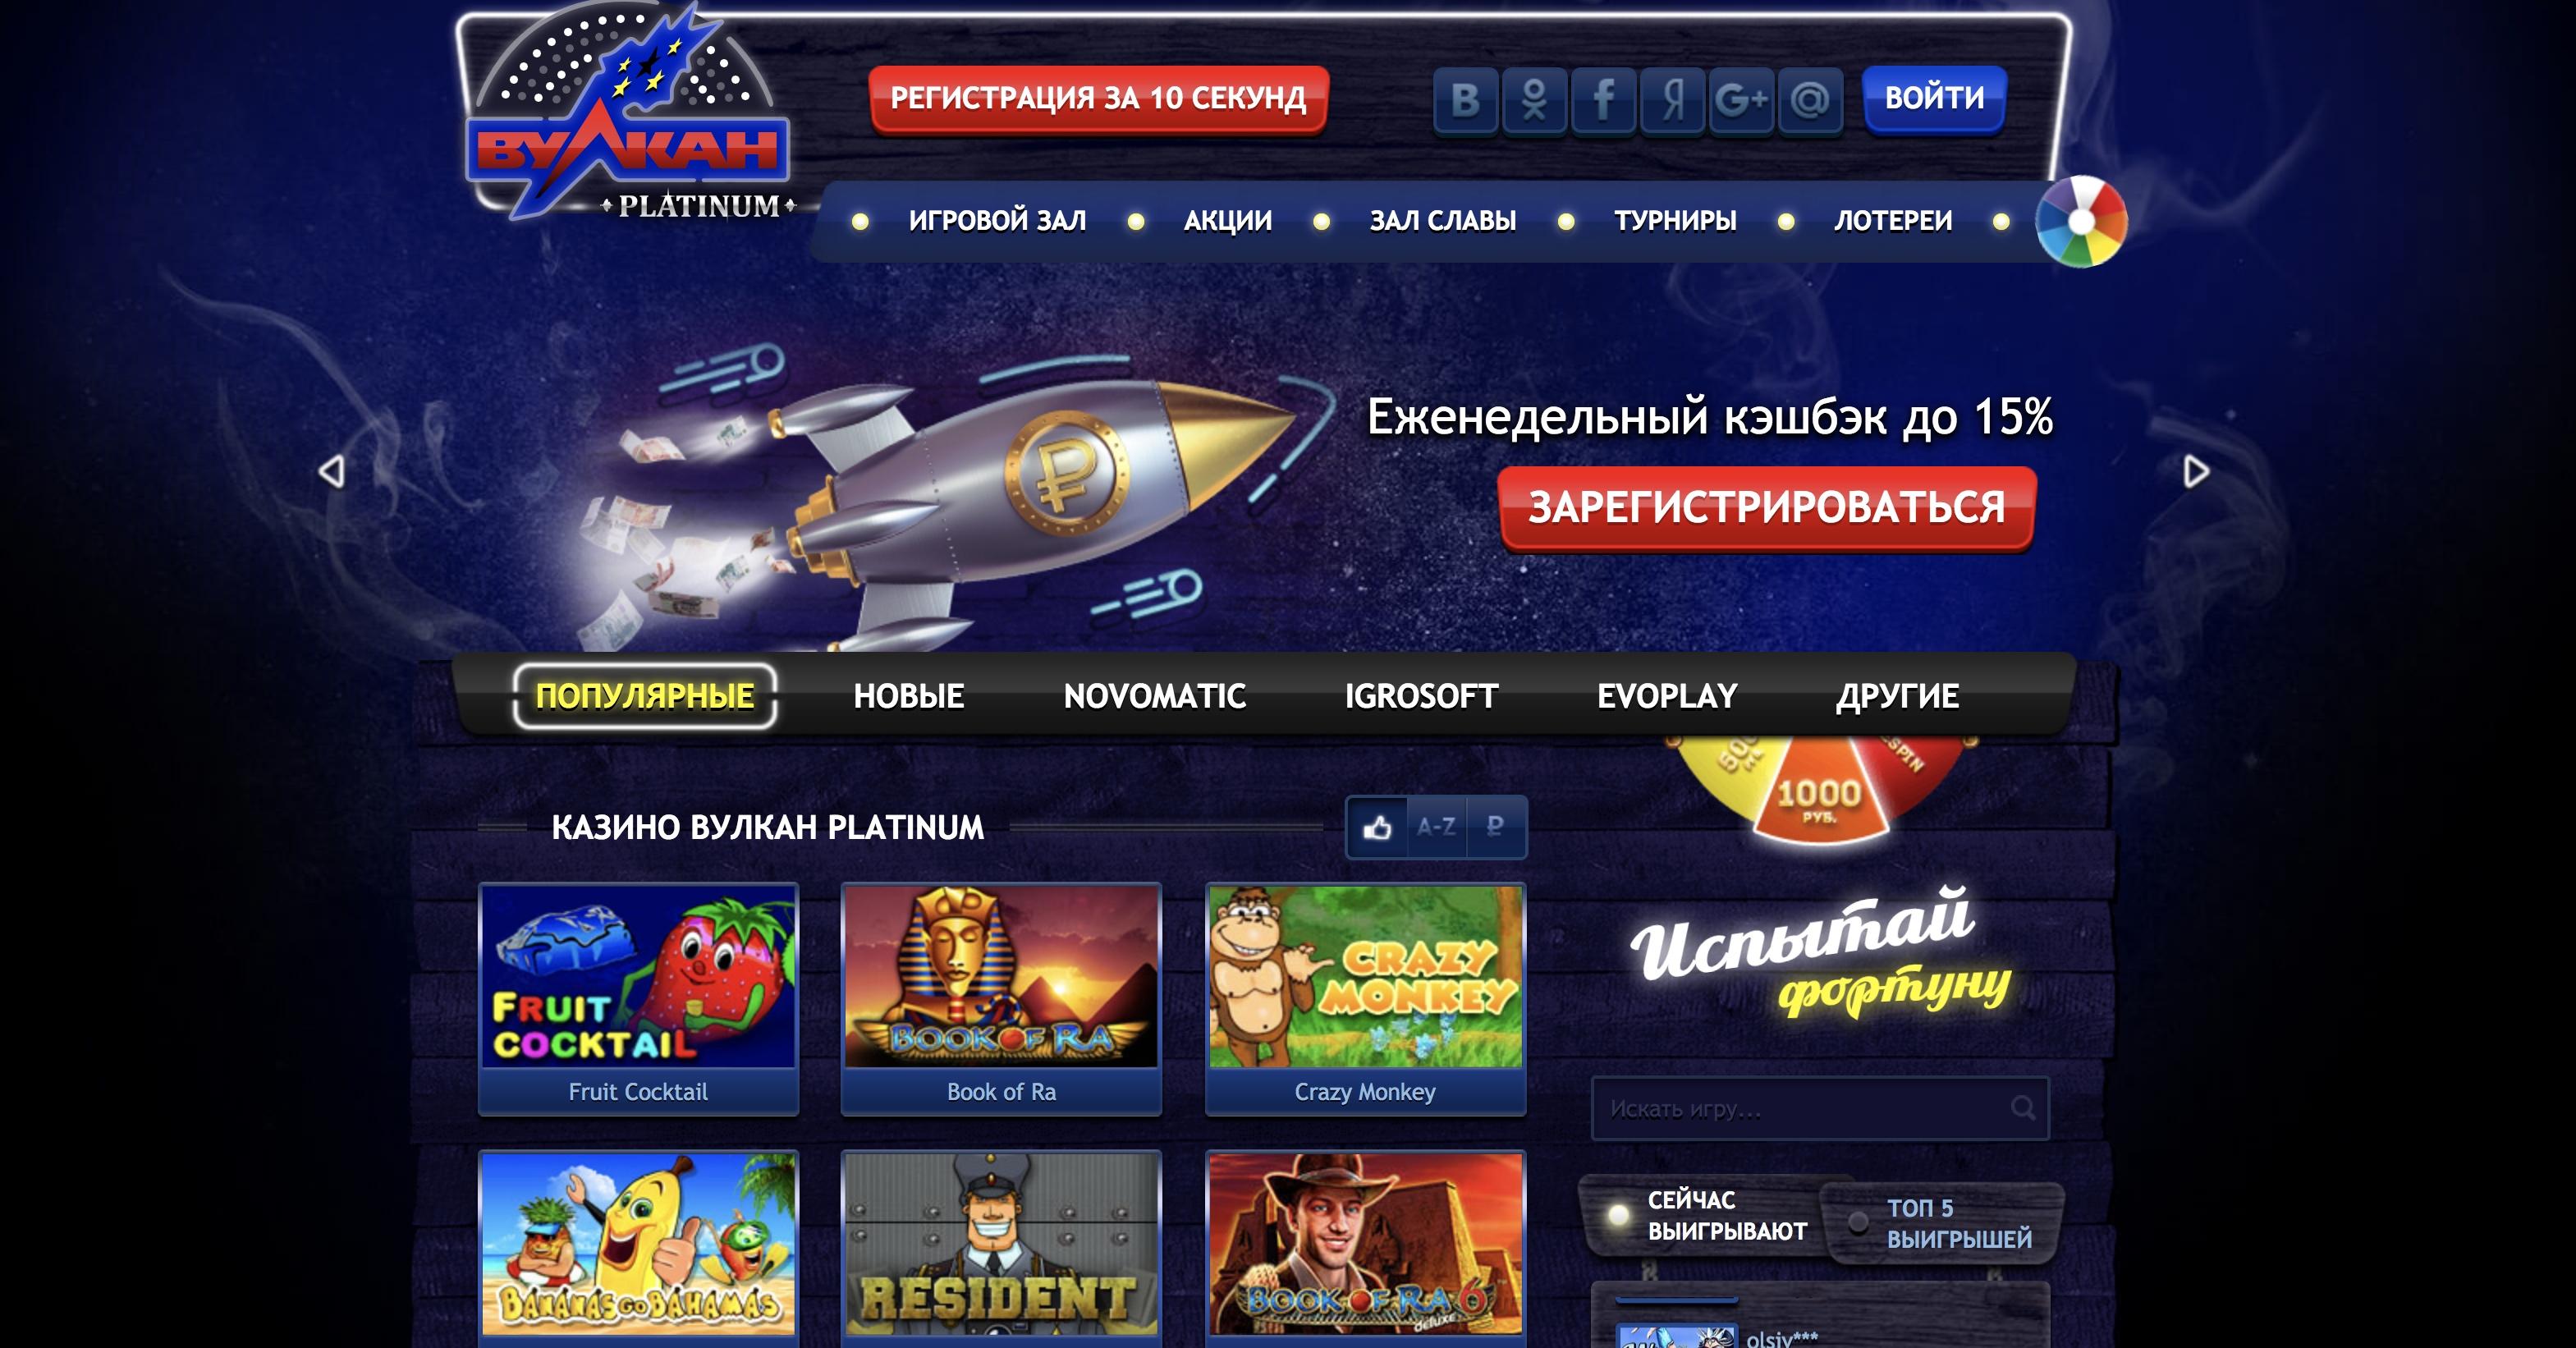 официальный сайт онлайн казино vulcan platinum зеркало на сейчас